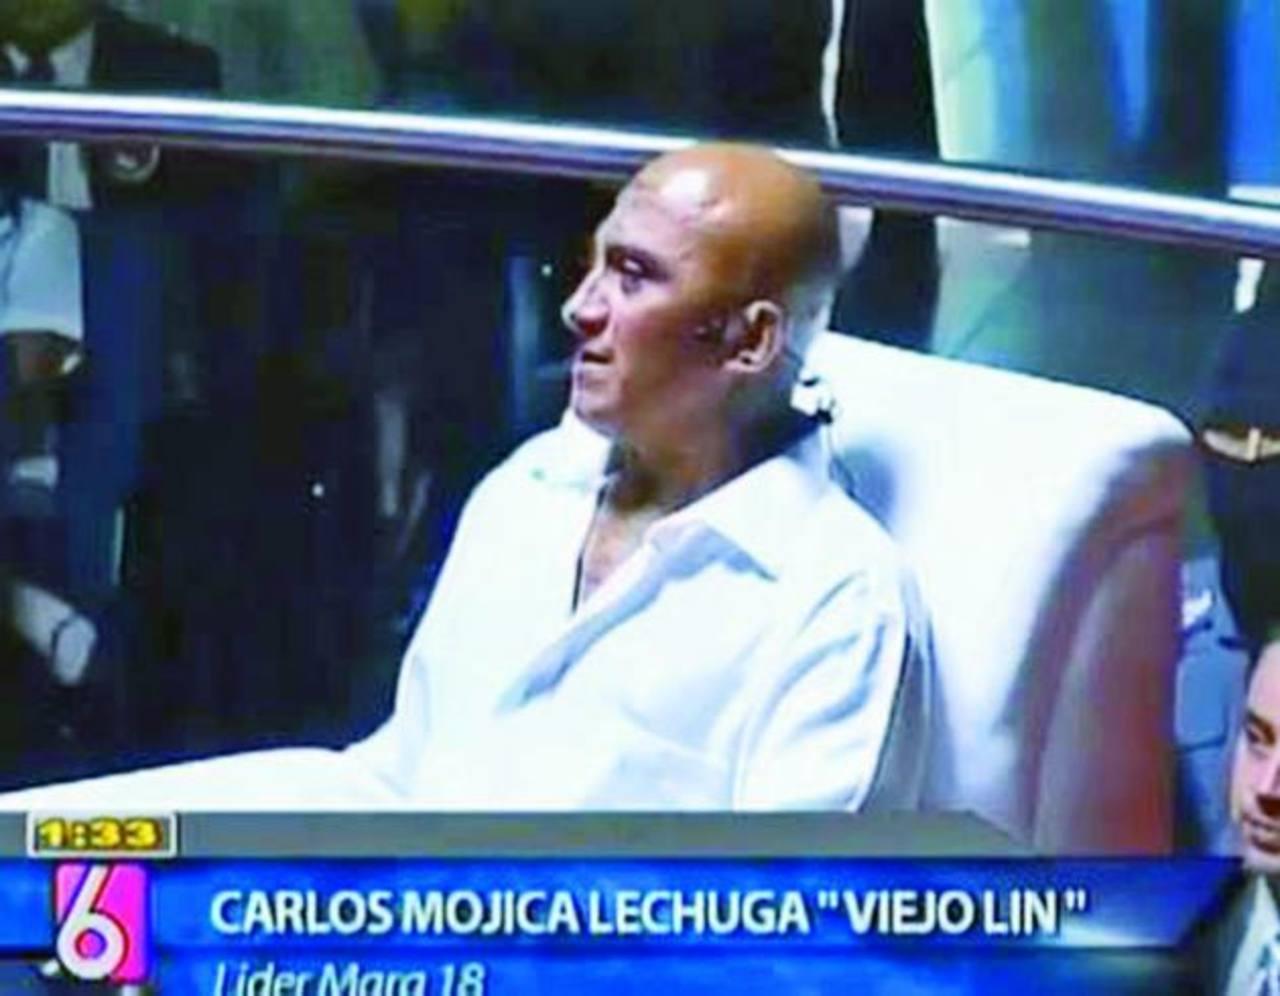 Carlos Mujica Lechuga, (a) El Viejo Lin, cabecilla de la pandilla 18, es uno de los dos reos que participó de un culto y entrevista fuera del penal. Foto Cortesía TCS